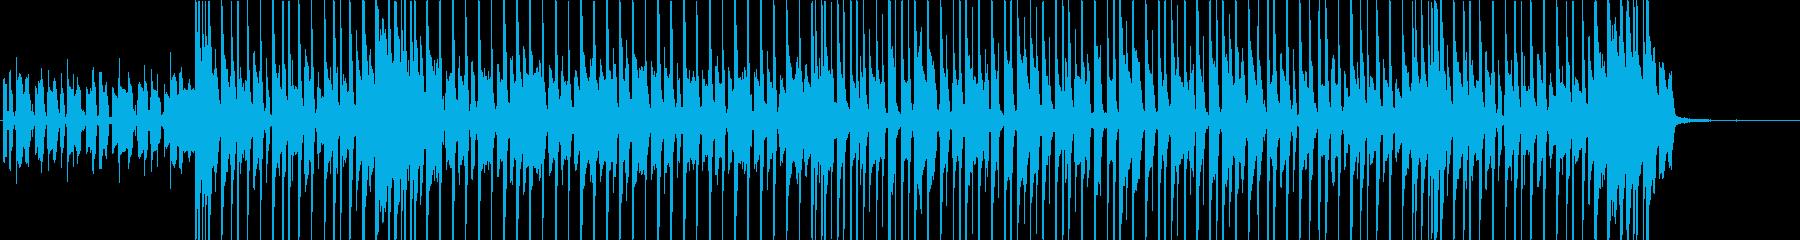 映像系やアニメに合う軽快なファンクの再生済みの波形